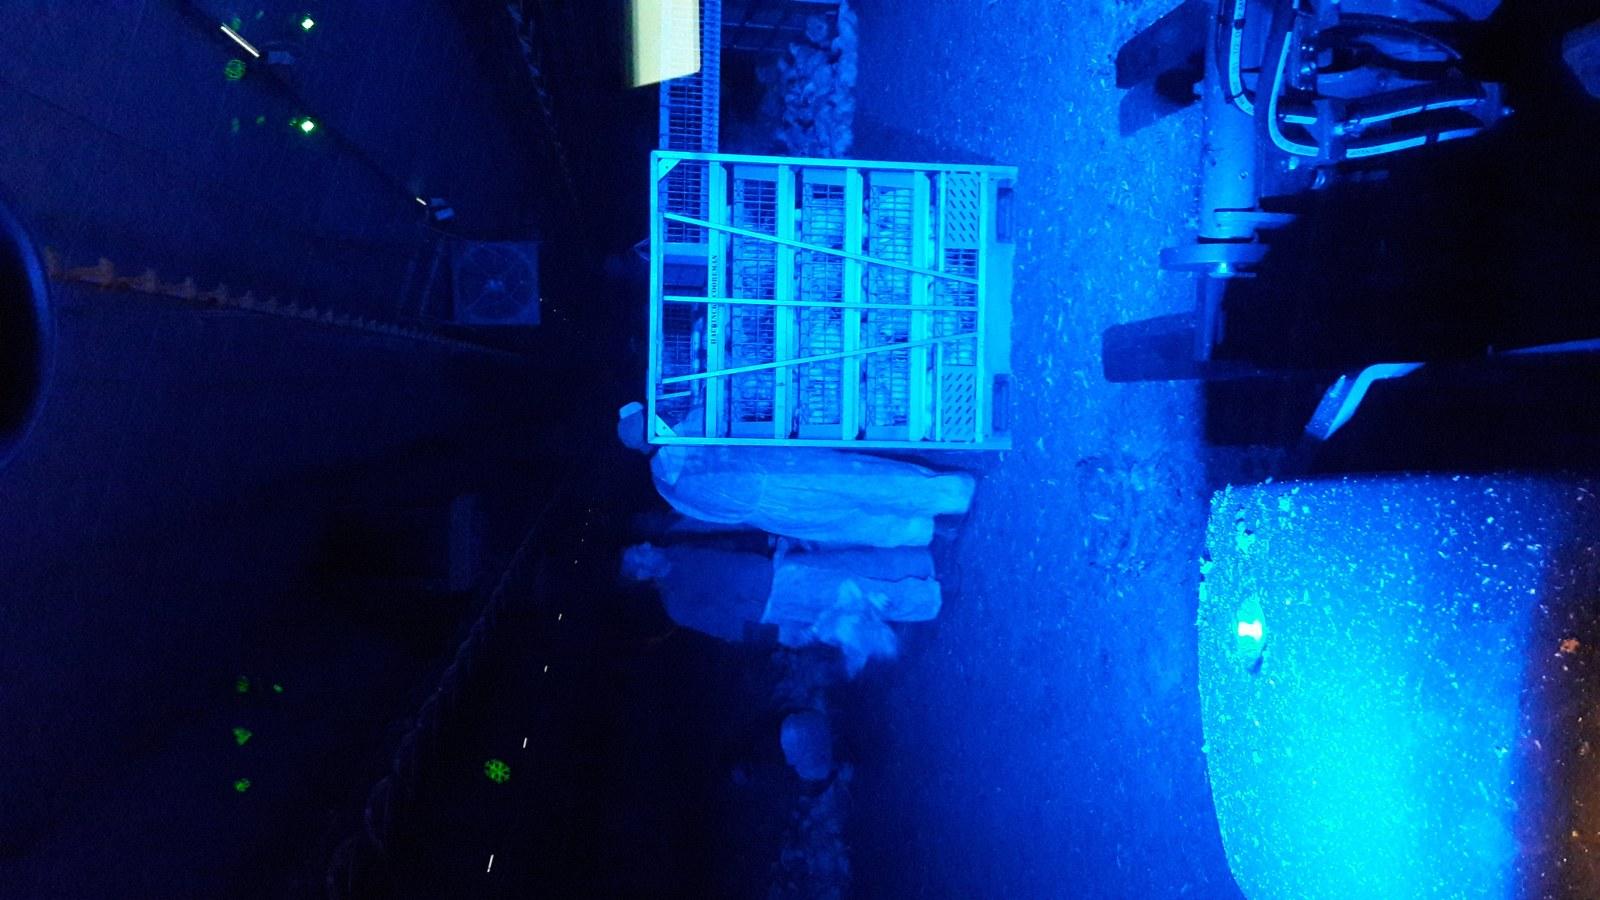 Lampen En Licht : Meer licht tijdens laden met blauwe led lampen pluimveeweb